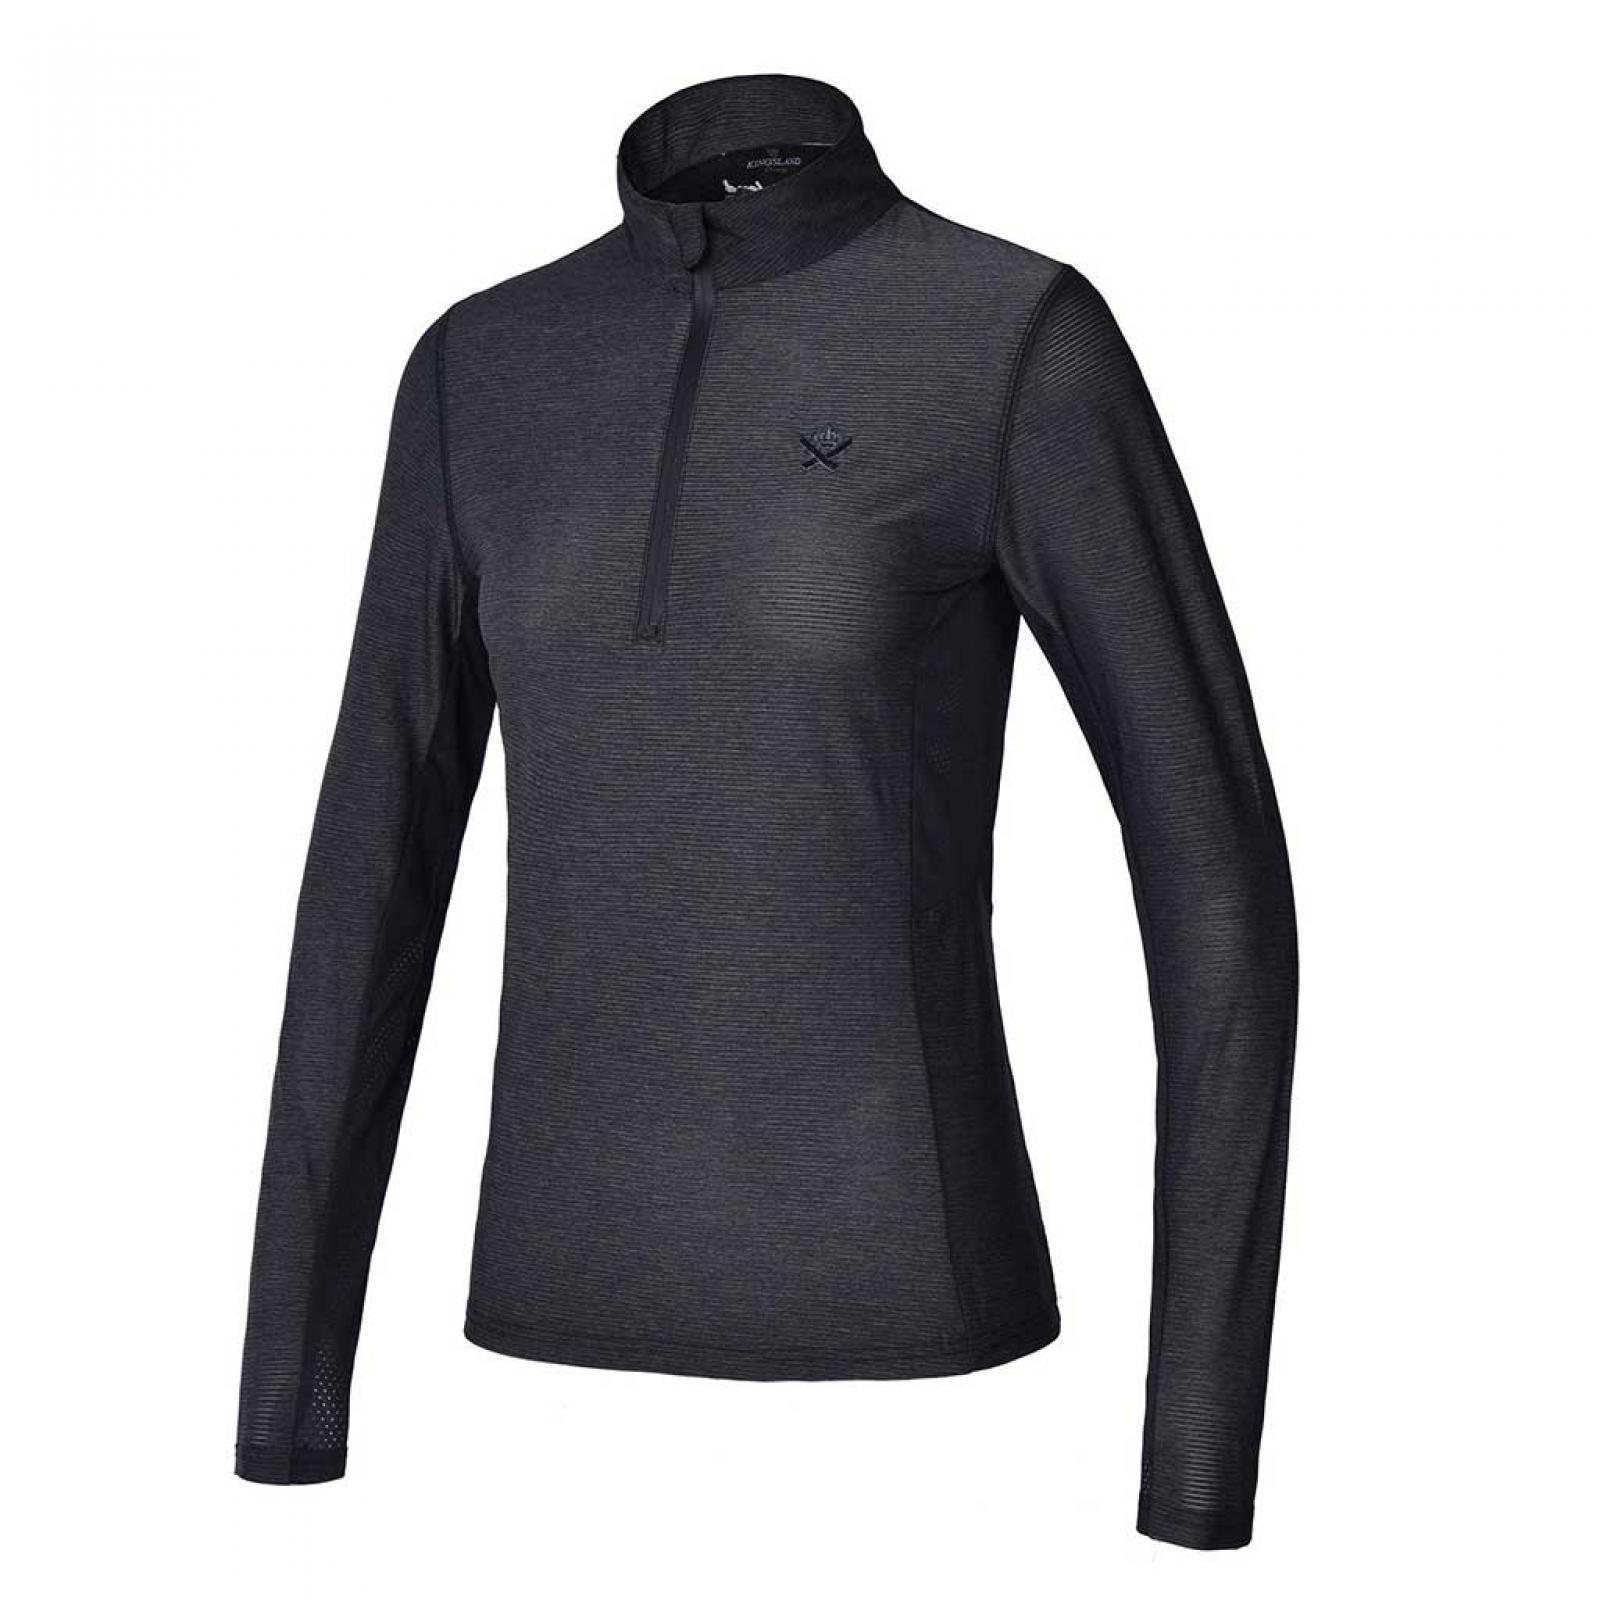 (KL)セレニティ レディーストレーニングシャツ